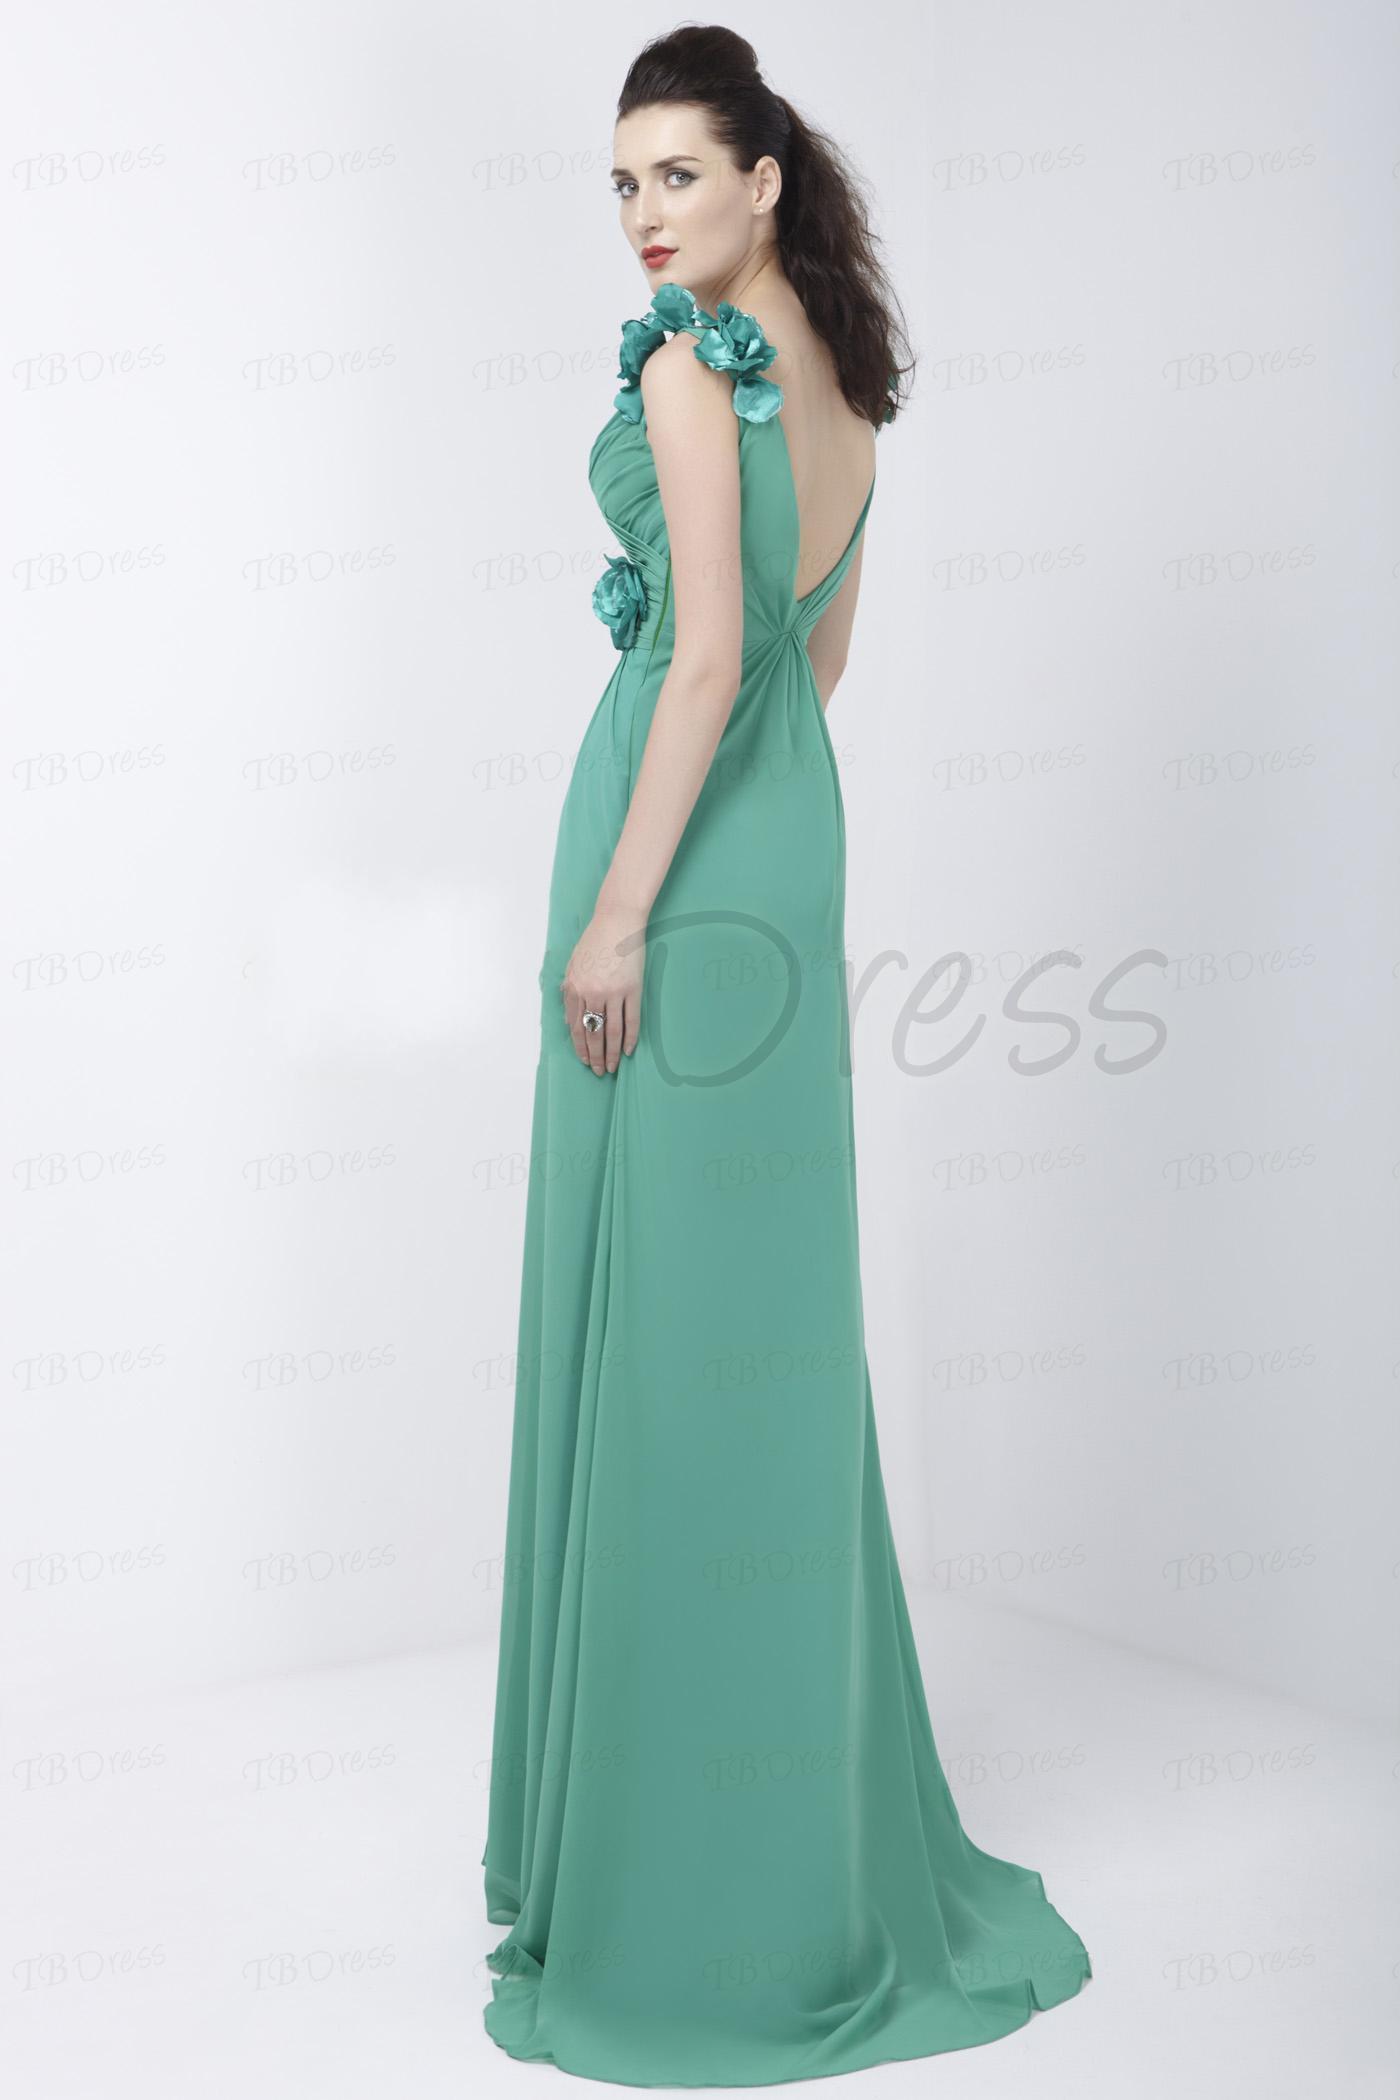 2015 personnalisé élégant A-ligne v-cou-parole longueur Spilled-Front mousseline de soie Alex robe de soirée